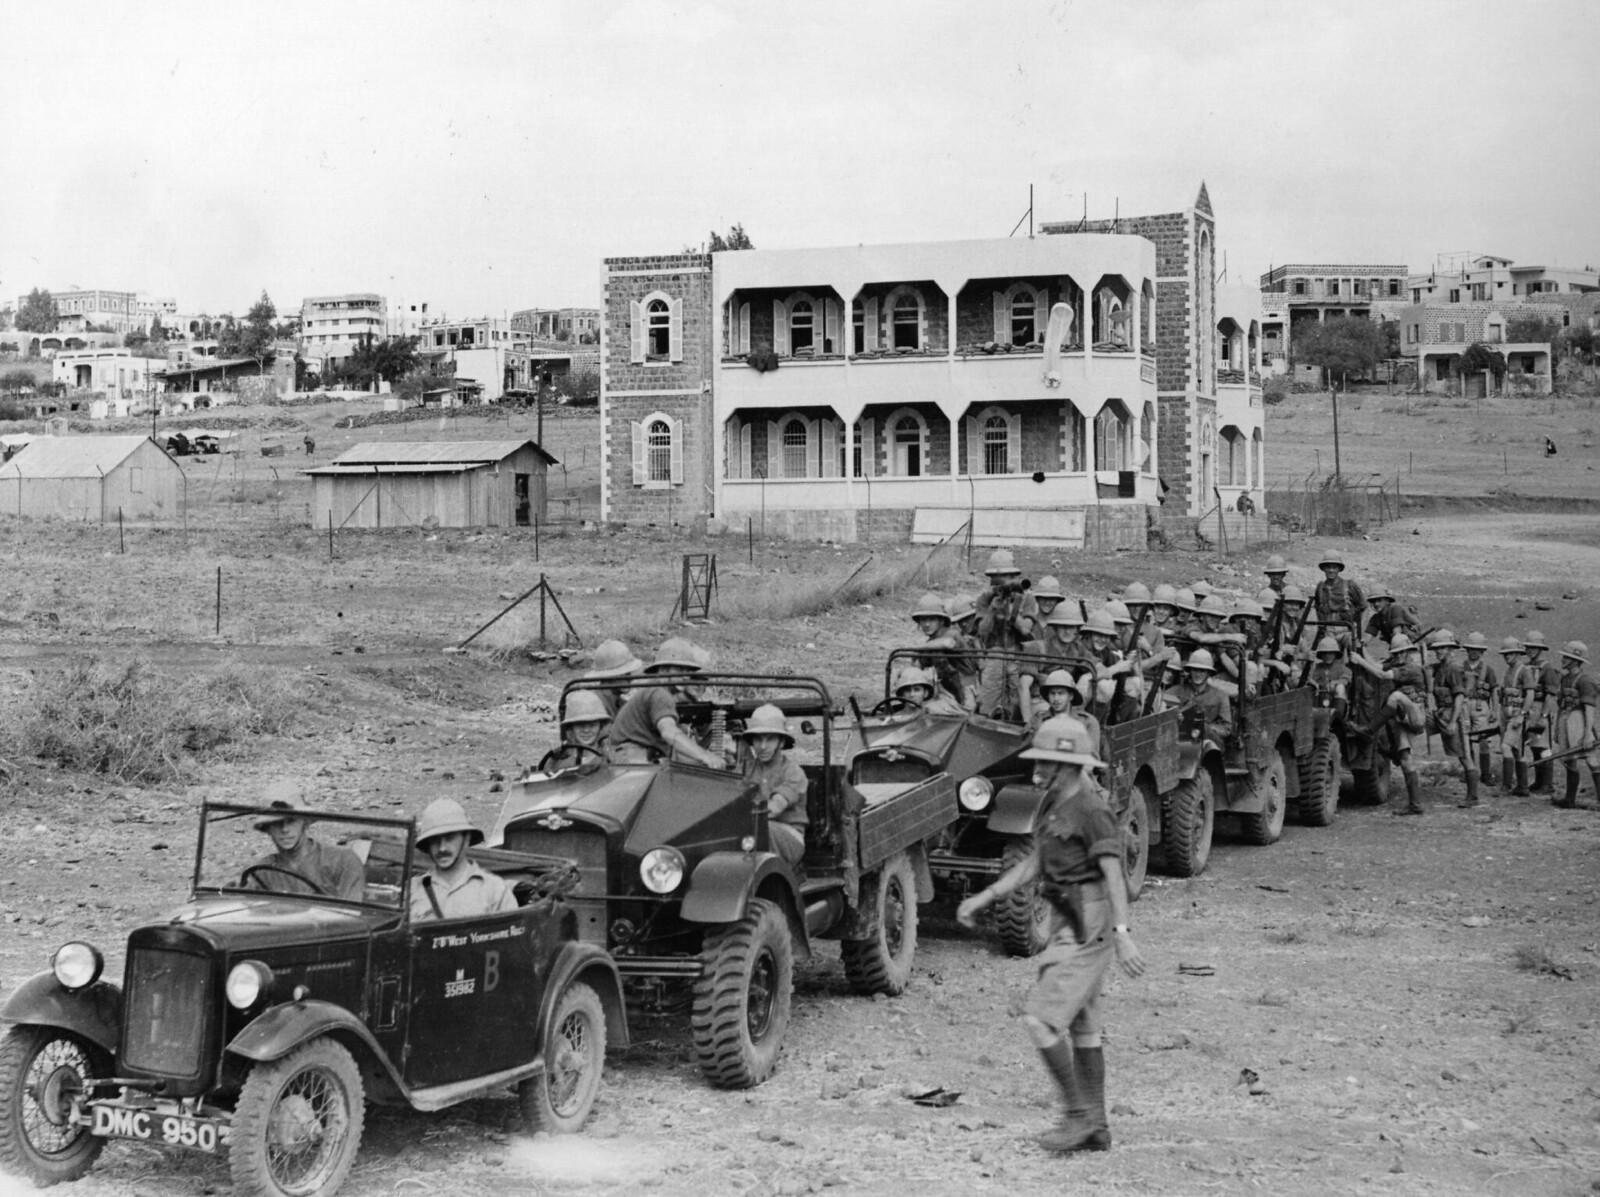 10. 1938. Недавние взрывы бомб в Палестине, от которых пострадали как евреи, так и арабы, вынудили власти направить дополнительные войска в очаги конфликта. Британская колонна собирается покинуть Тверию. 16 июля